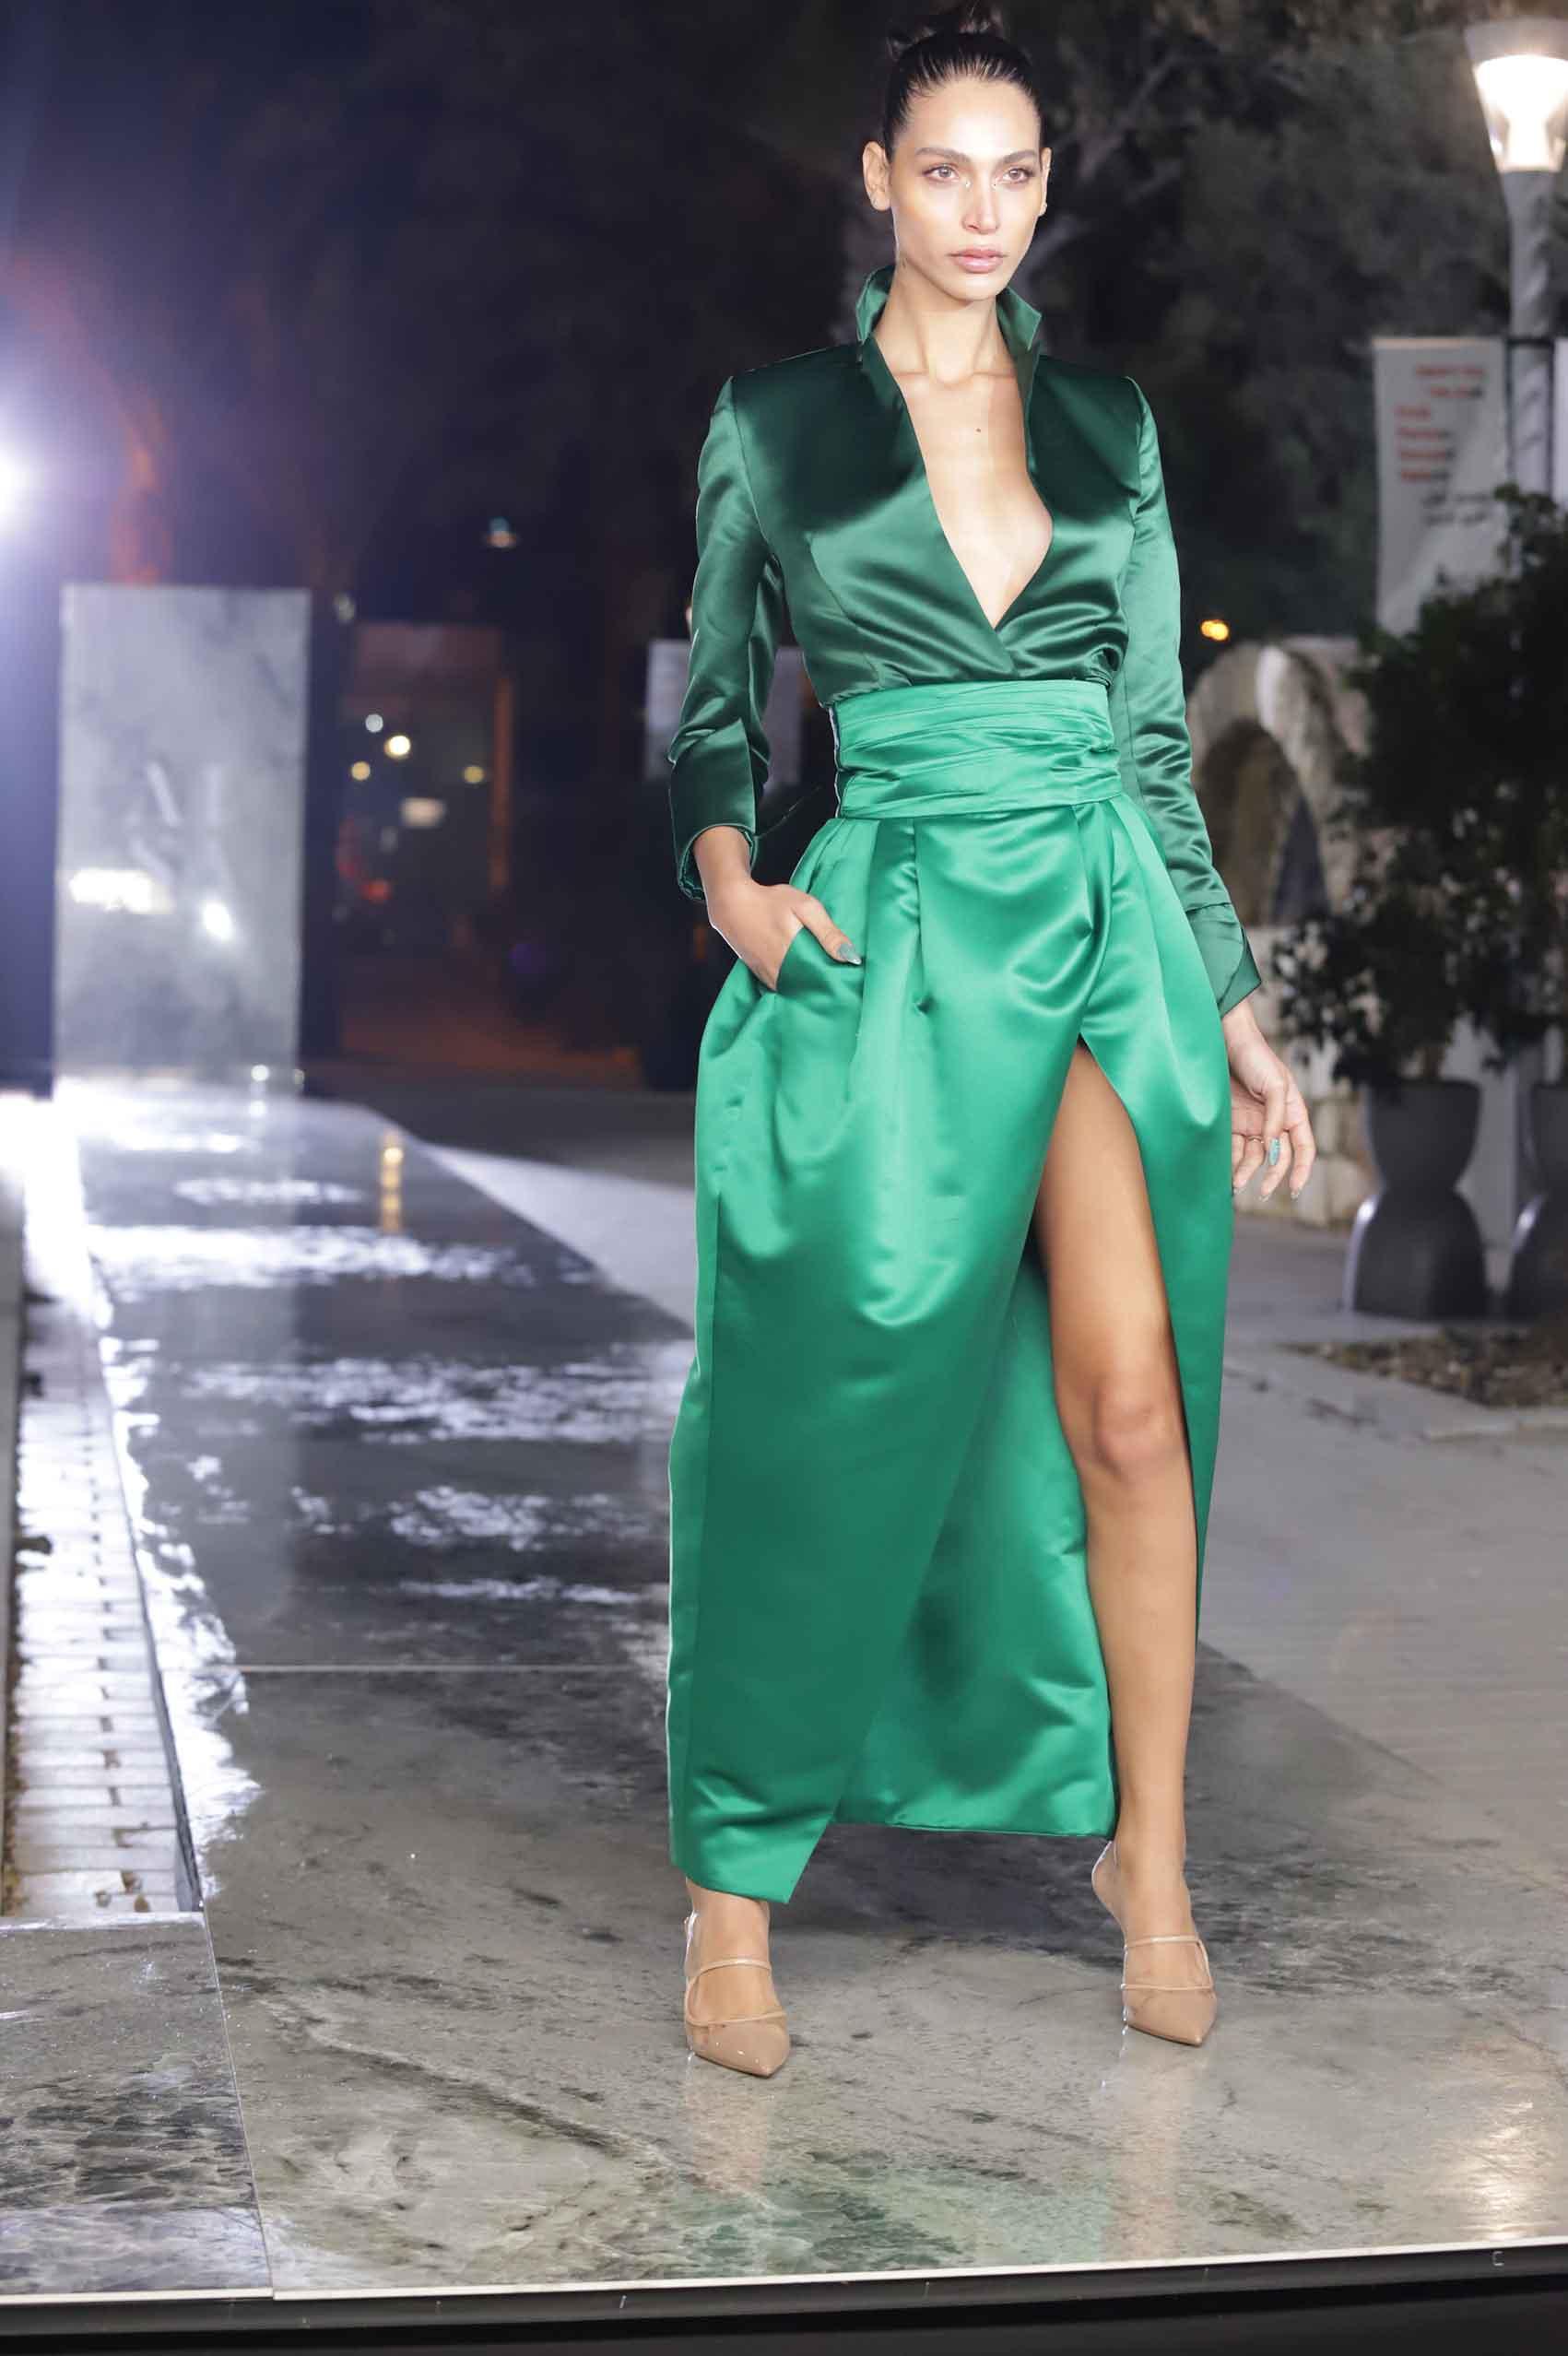 """אסיה, קולקציית ME בשבוע האופנה קורנית ת""""א. צילום: אבי ולדמן-8521"""